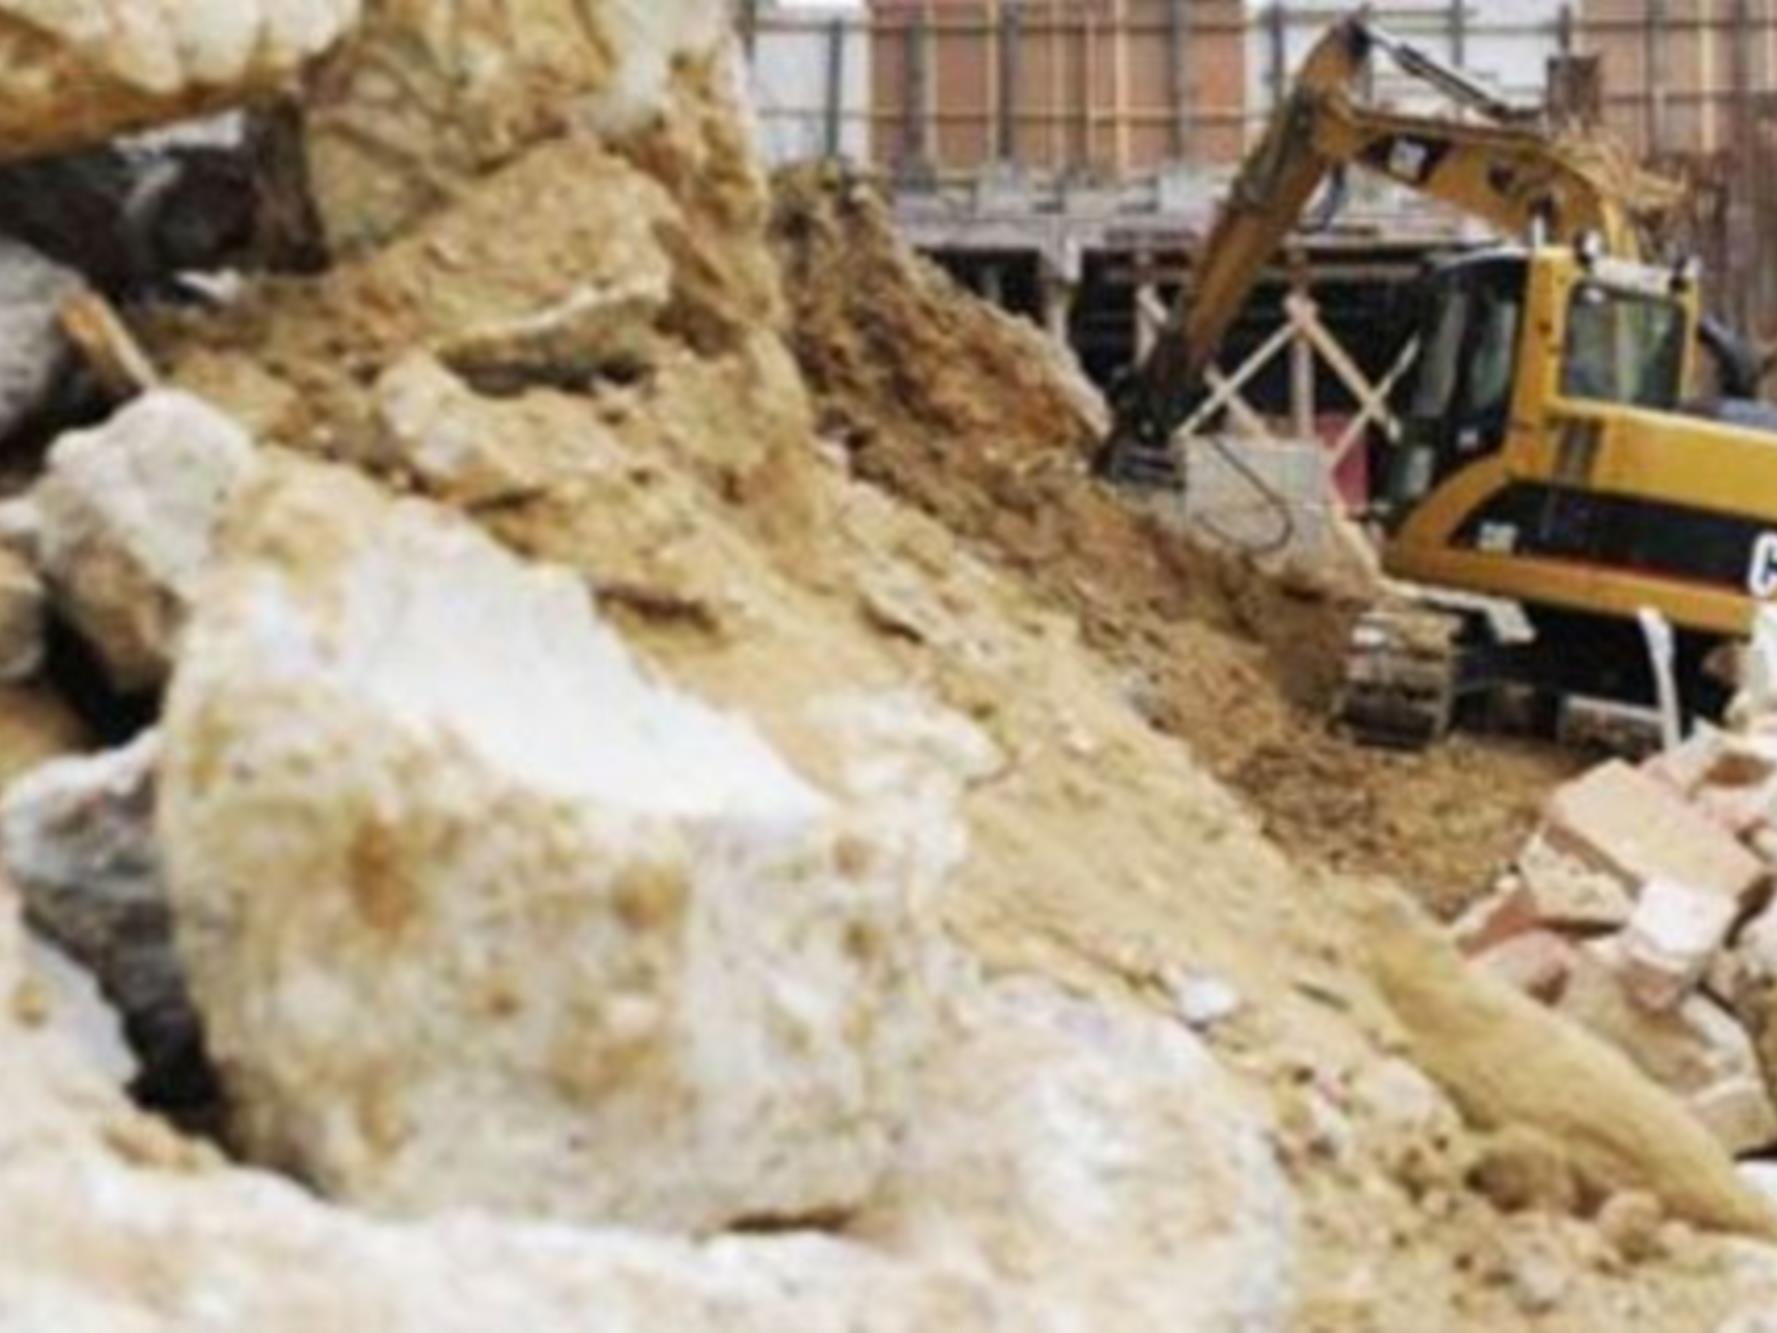 Bei dem Sturz in die Baugrube wurde der junge Mann schwer verletzt.